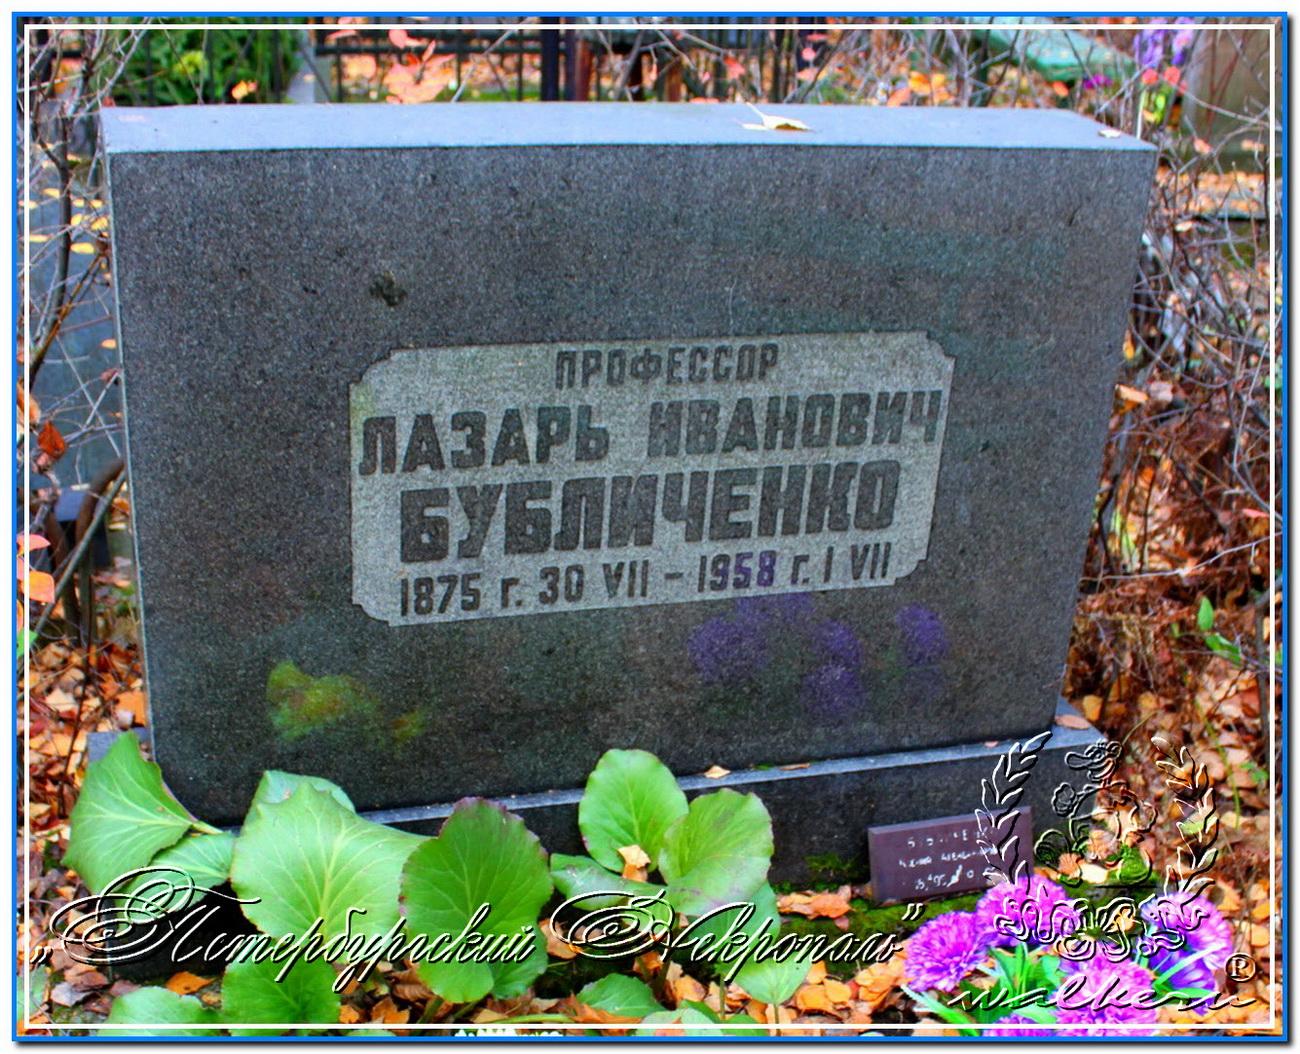 Бубличенко Лазарь Иванович